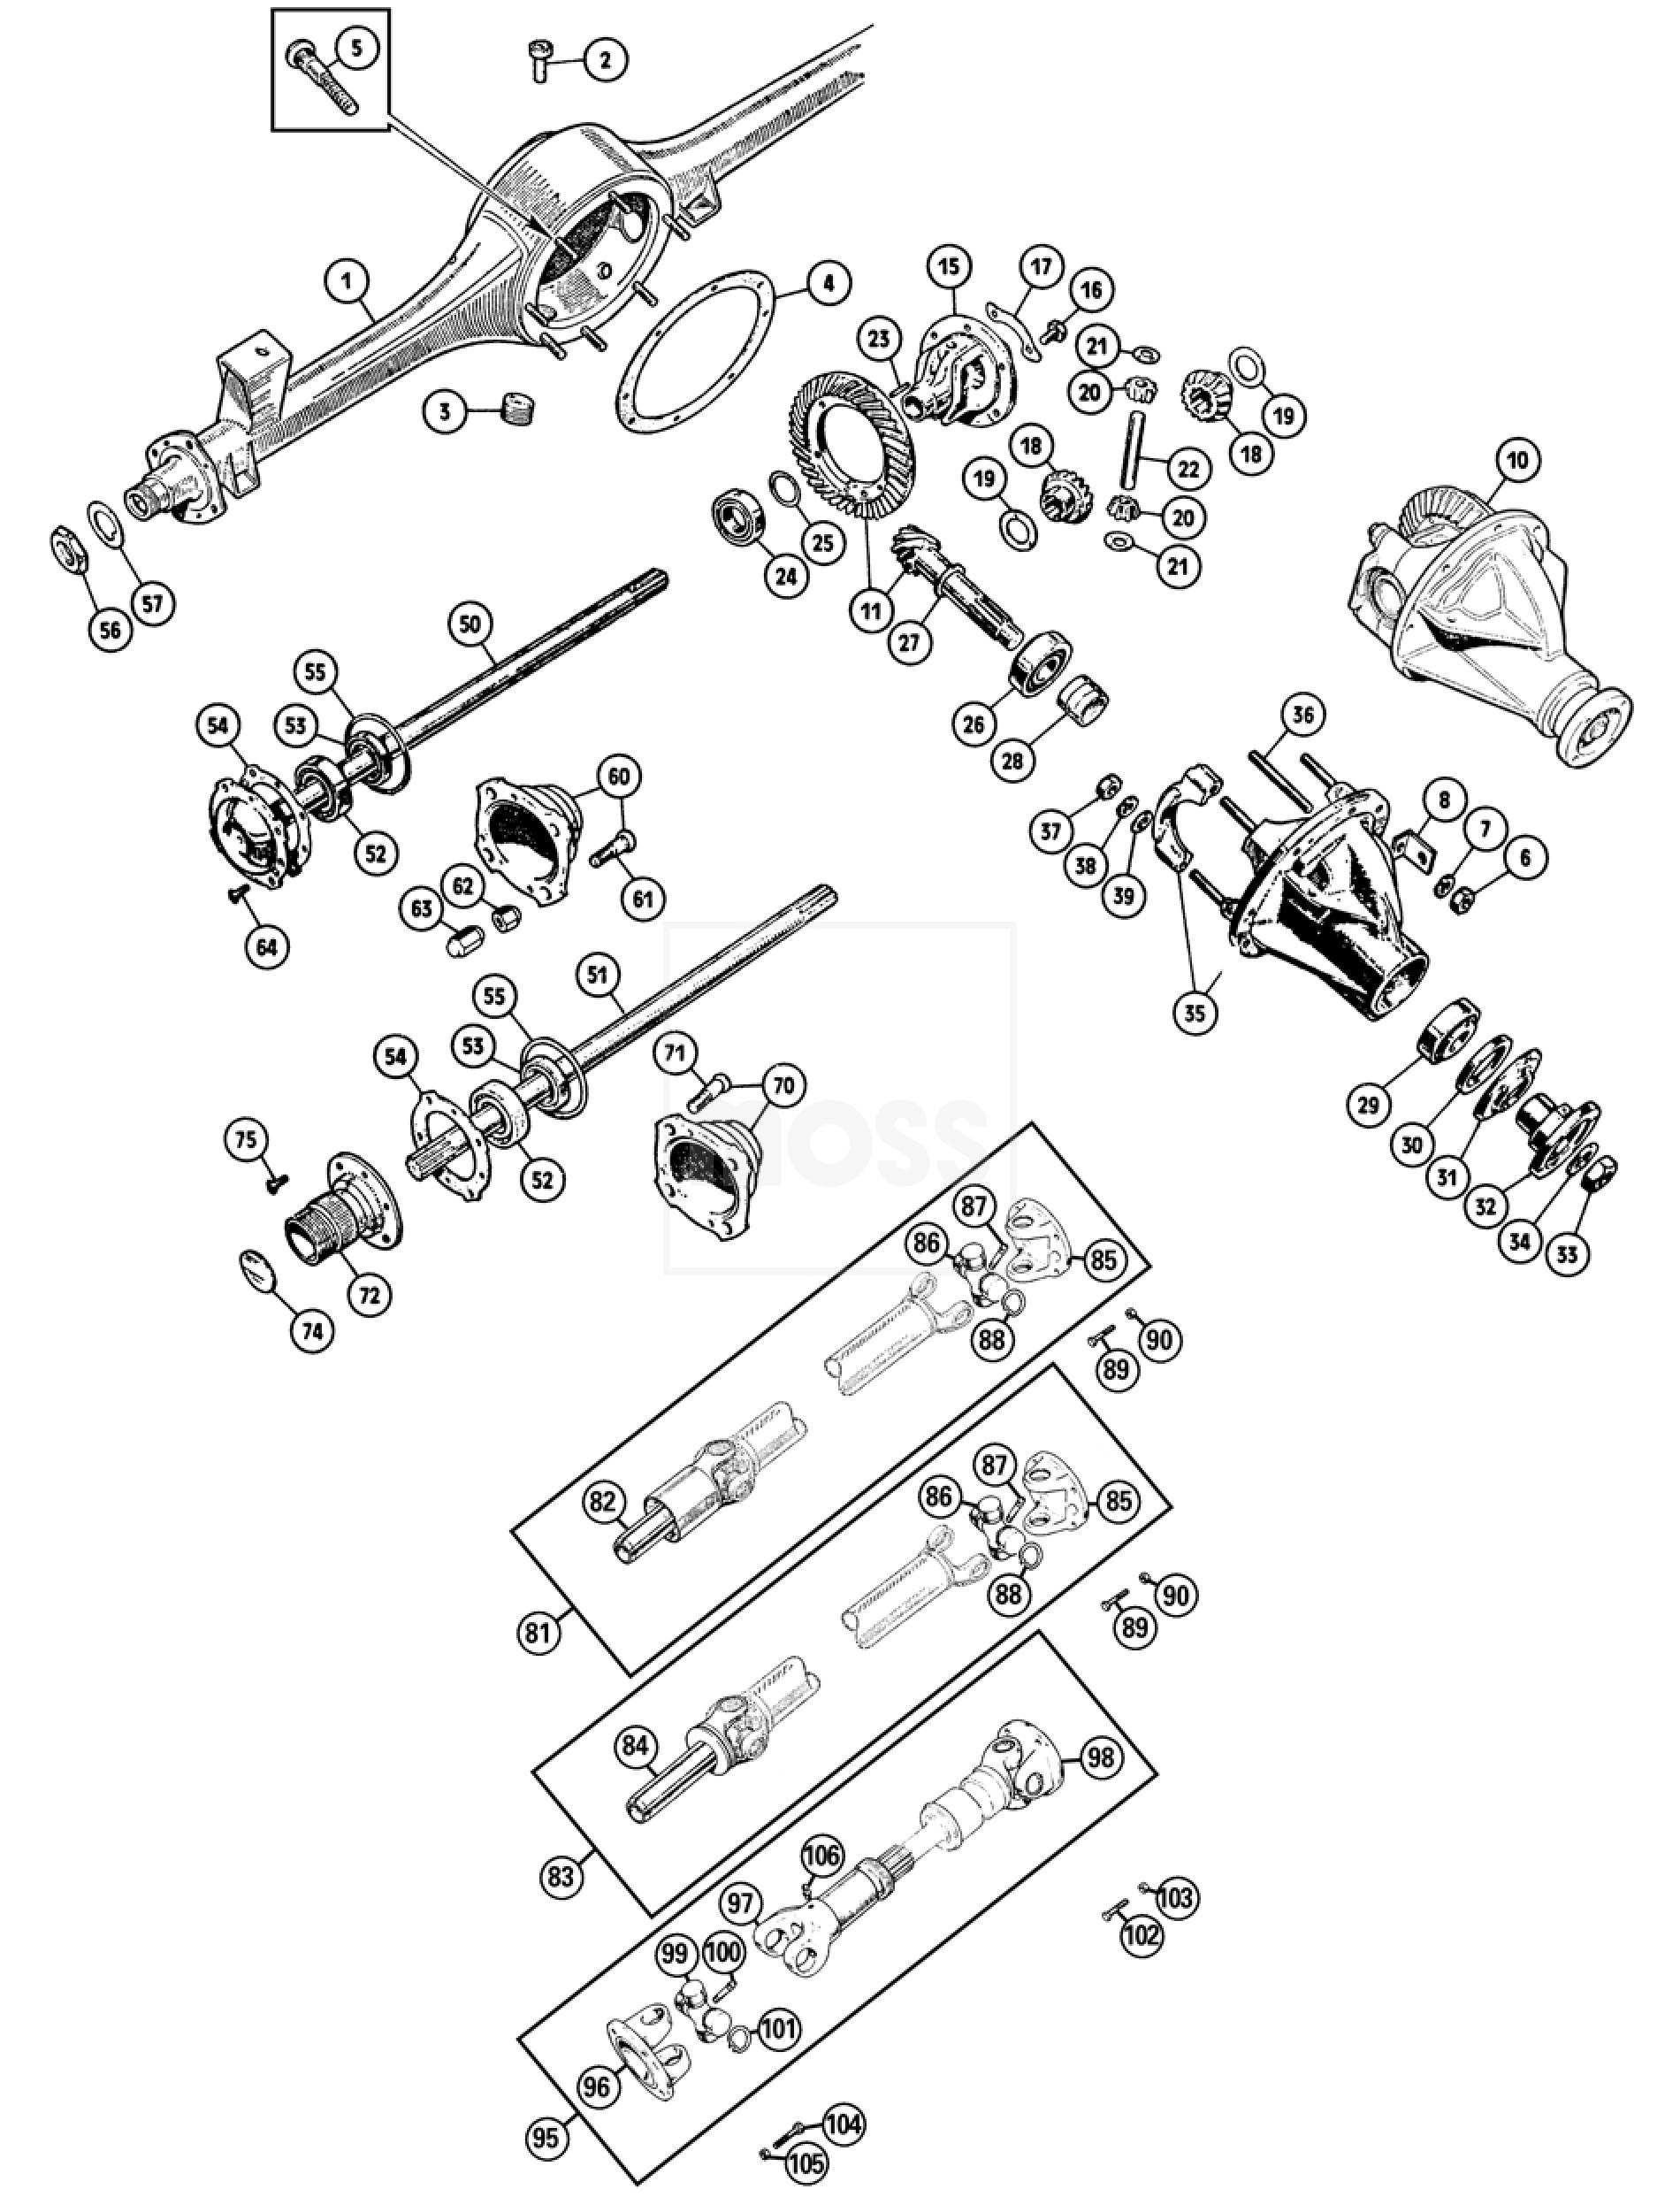 Propshaft & Rear Axle: Sprite & Midget 1275-1500cc